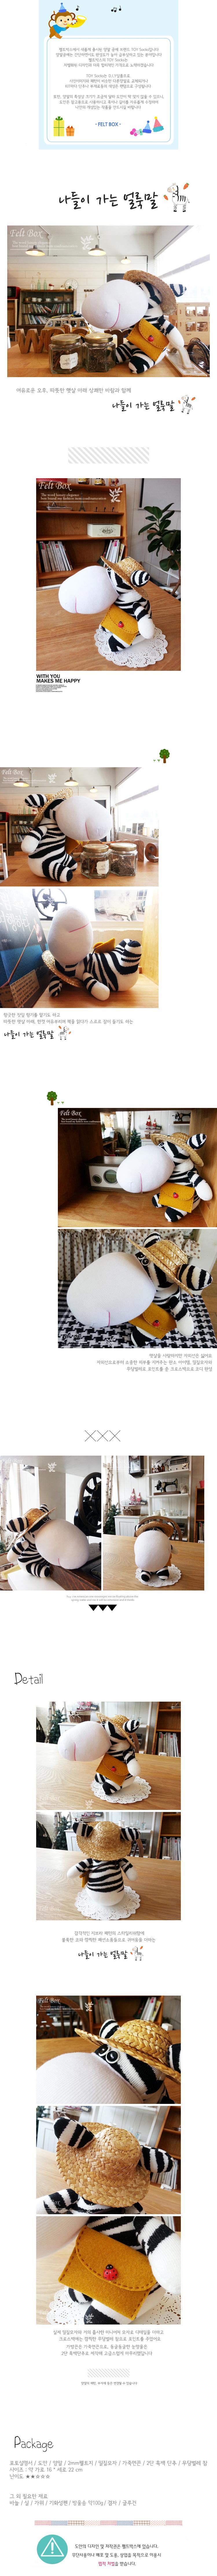 반제품 DIY kit- 나들이 가는 얼룩말3,900원-펠트박스키덜트/취미, 핸드메이드/DIY, 퀼트/원단공예, 인형 패키지바보사랑반제품 DIY kit- 나들이 가는 얼룩말3,900원-펠트박스키덜트/취미, 핸드메이드/DIY, 퀼트/원단공예, 인형 패키지바보사랑